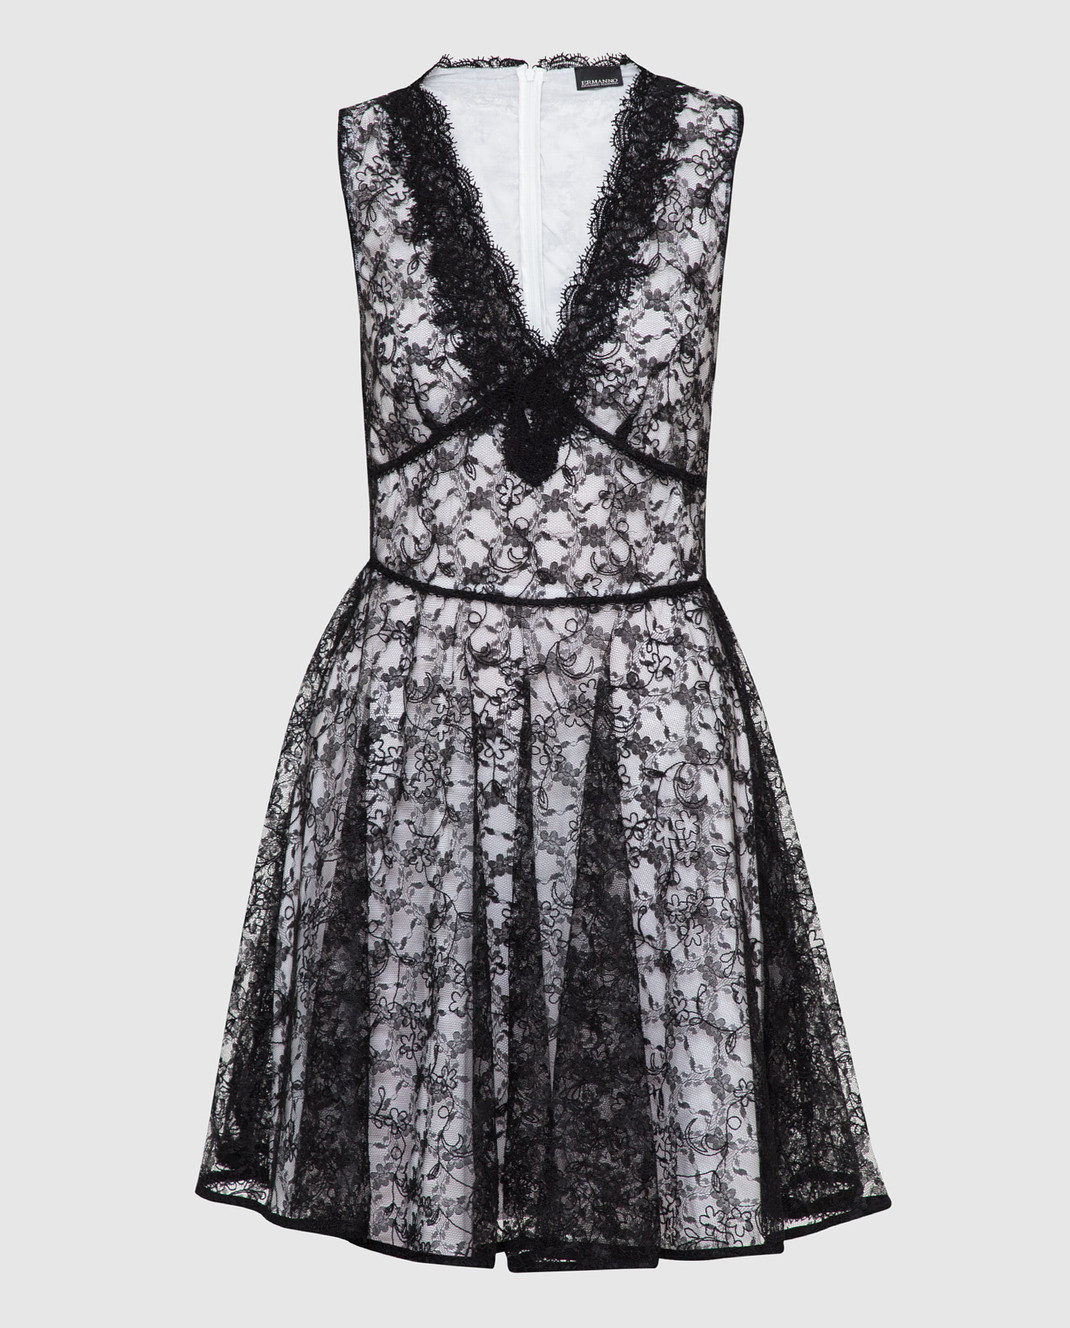 Ermanno Черное платье из кружева AB36